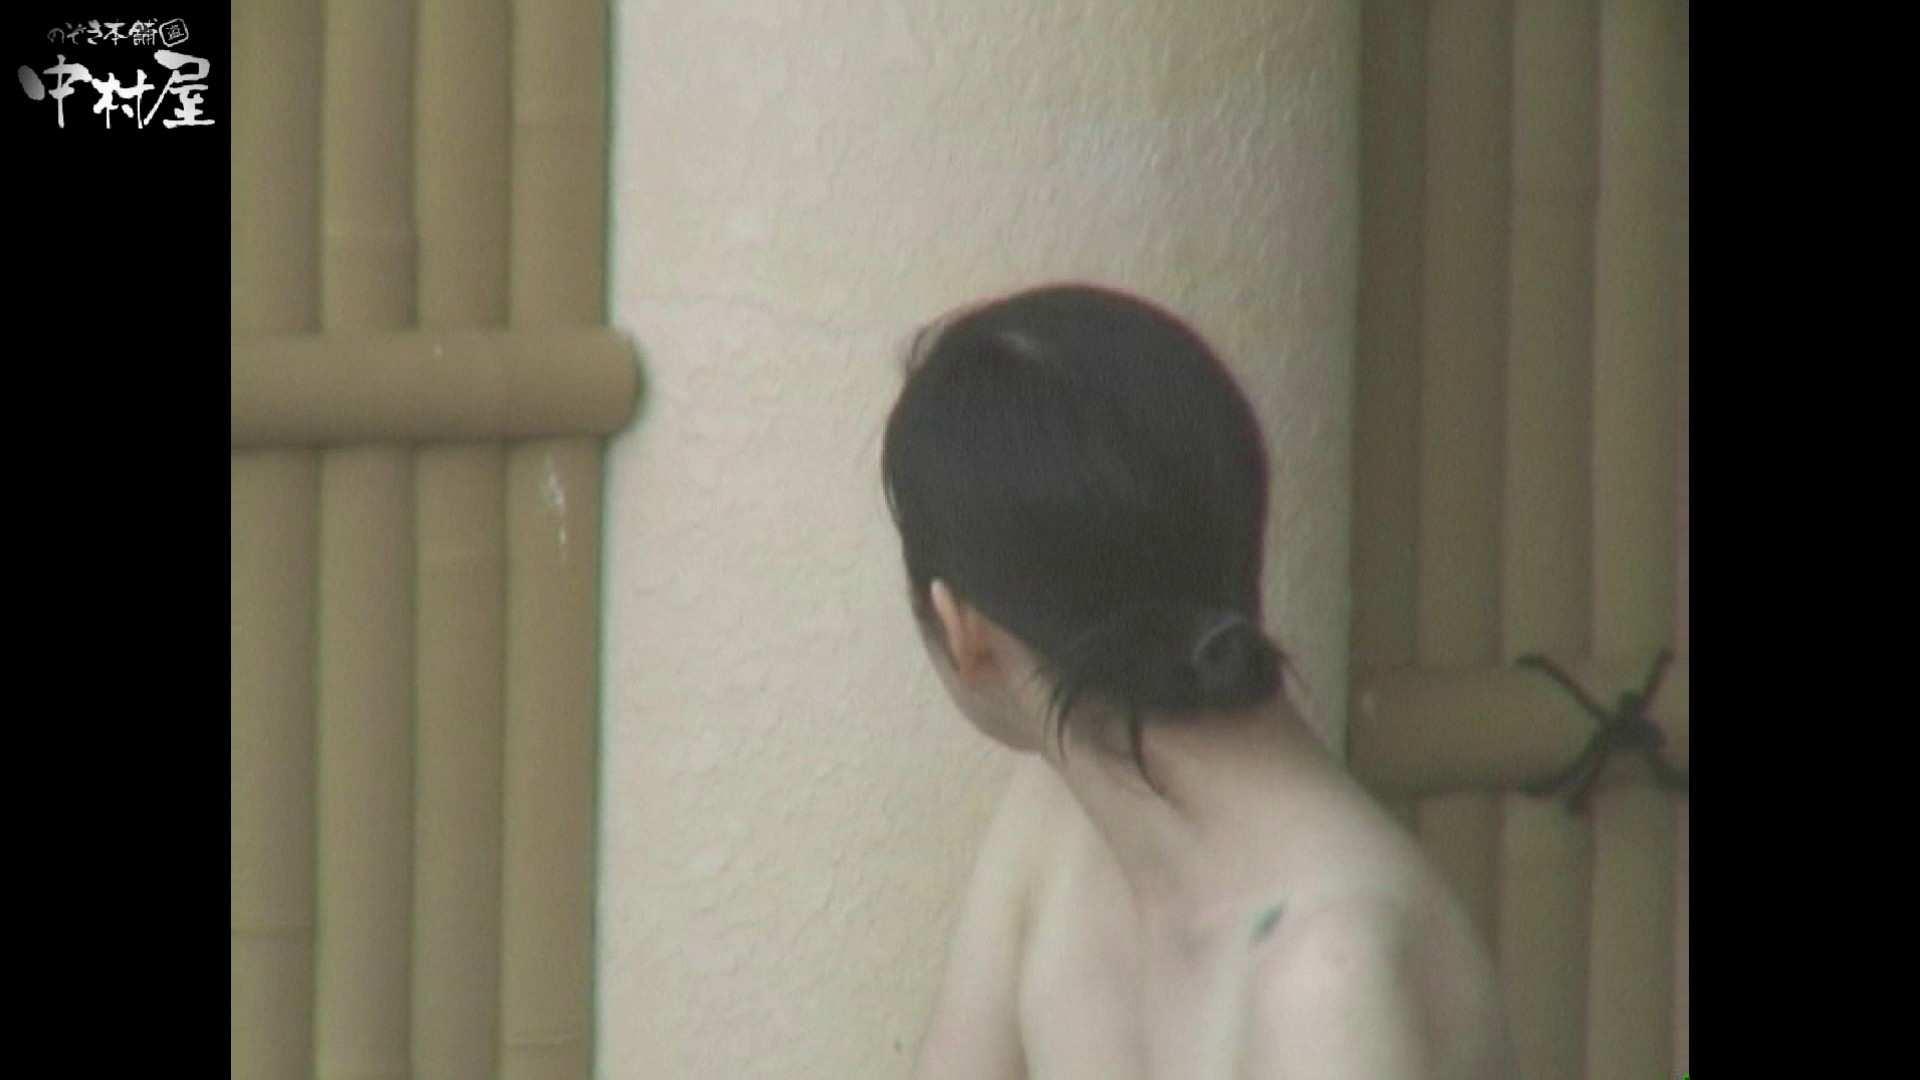 Aquaな露天風呂Vol.942 0   0  92pic 26